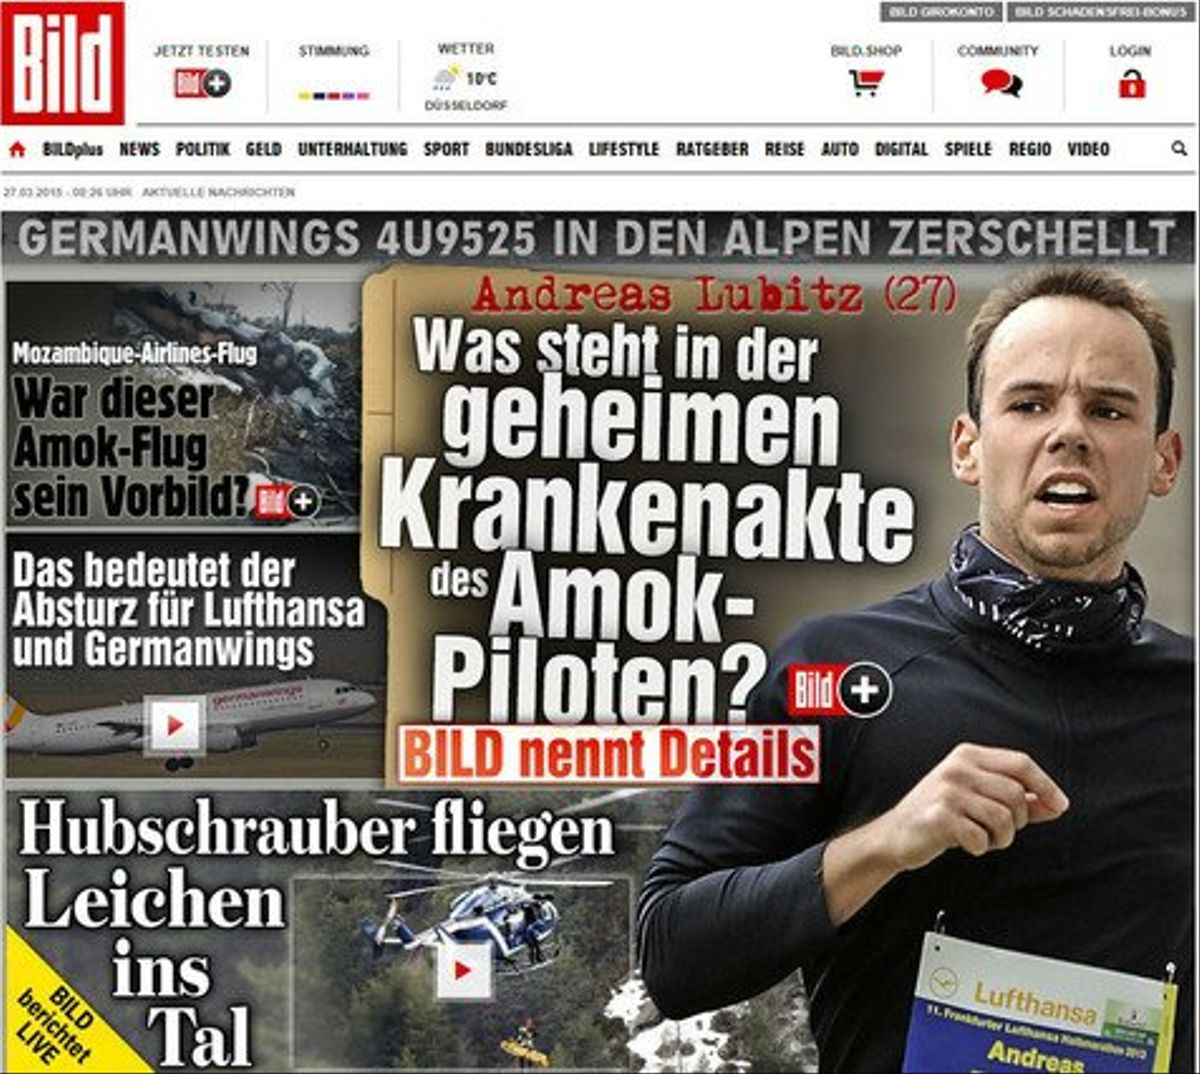 La portada del sensacionalista 'Bild', con una foto de Andreas Lubitz y el titular 'Amok-piloten', 'piloto psicópata'.